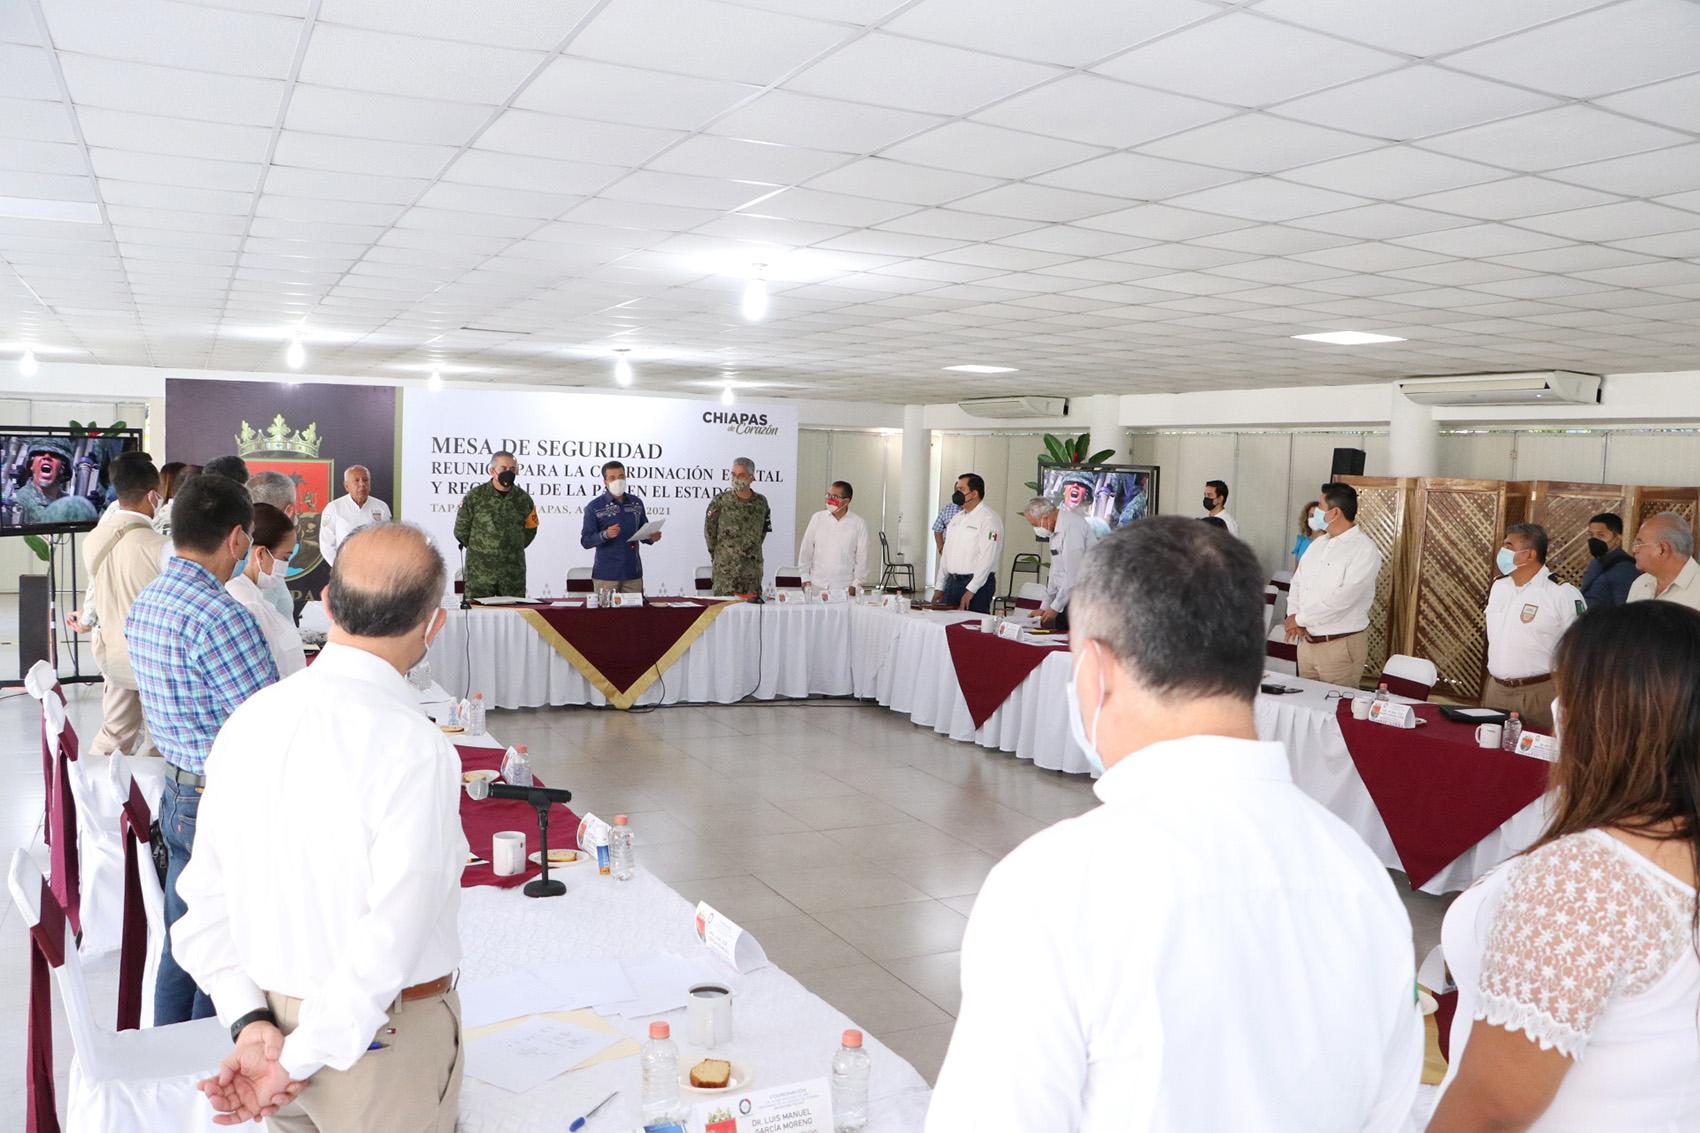 En Chiapas, el tema migratorio se atiende de manera humanitaria y solidaria.jpg